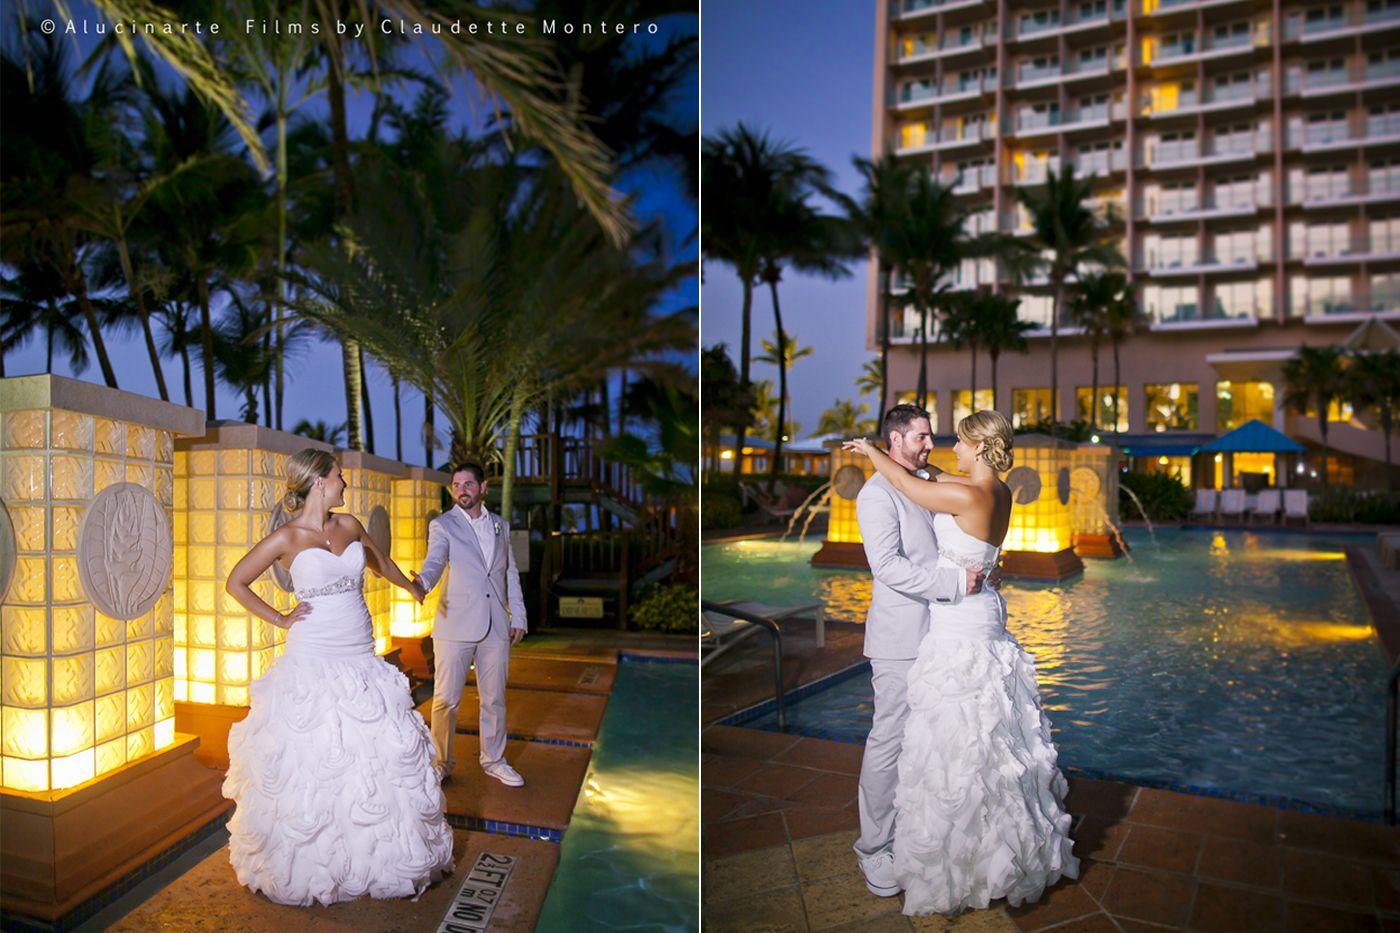 alucinarte-films-marriott-puerto rico-puerto-rico-wedding